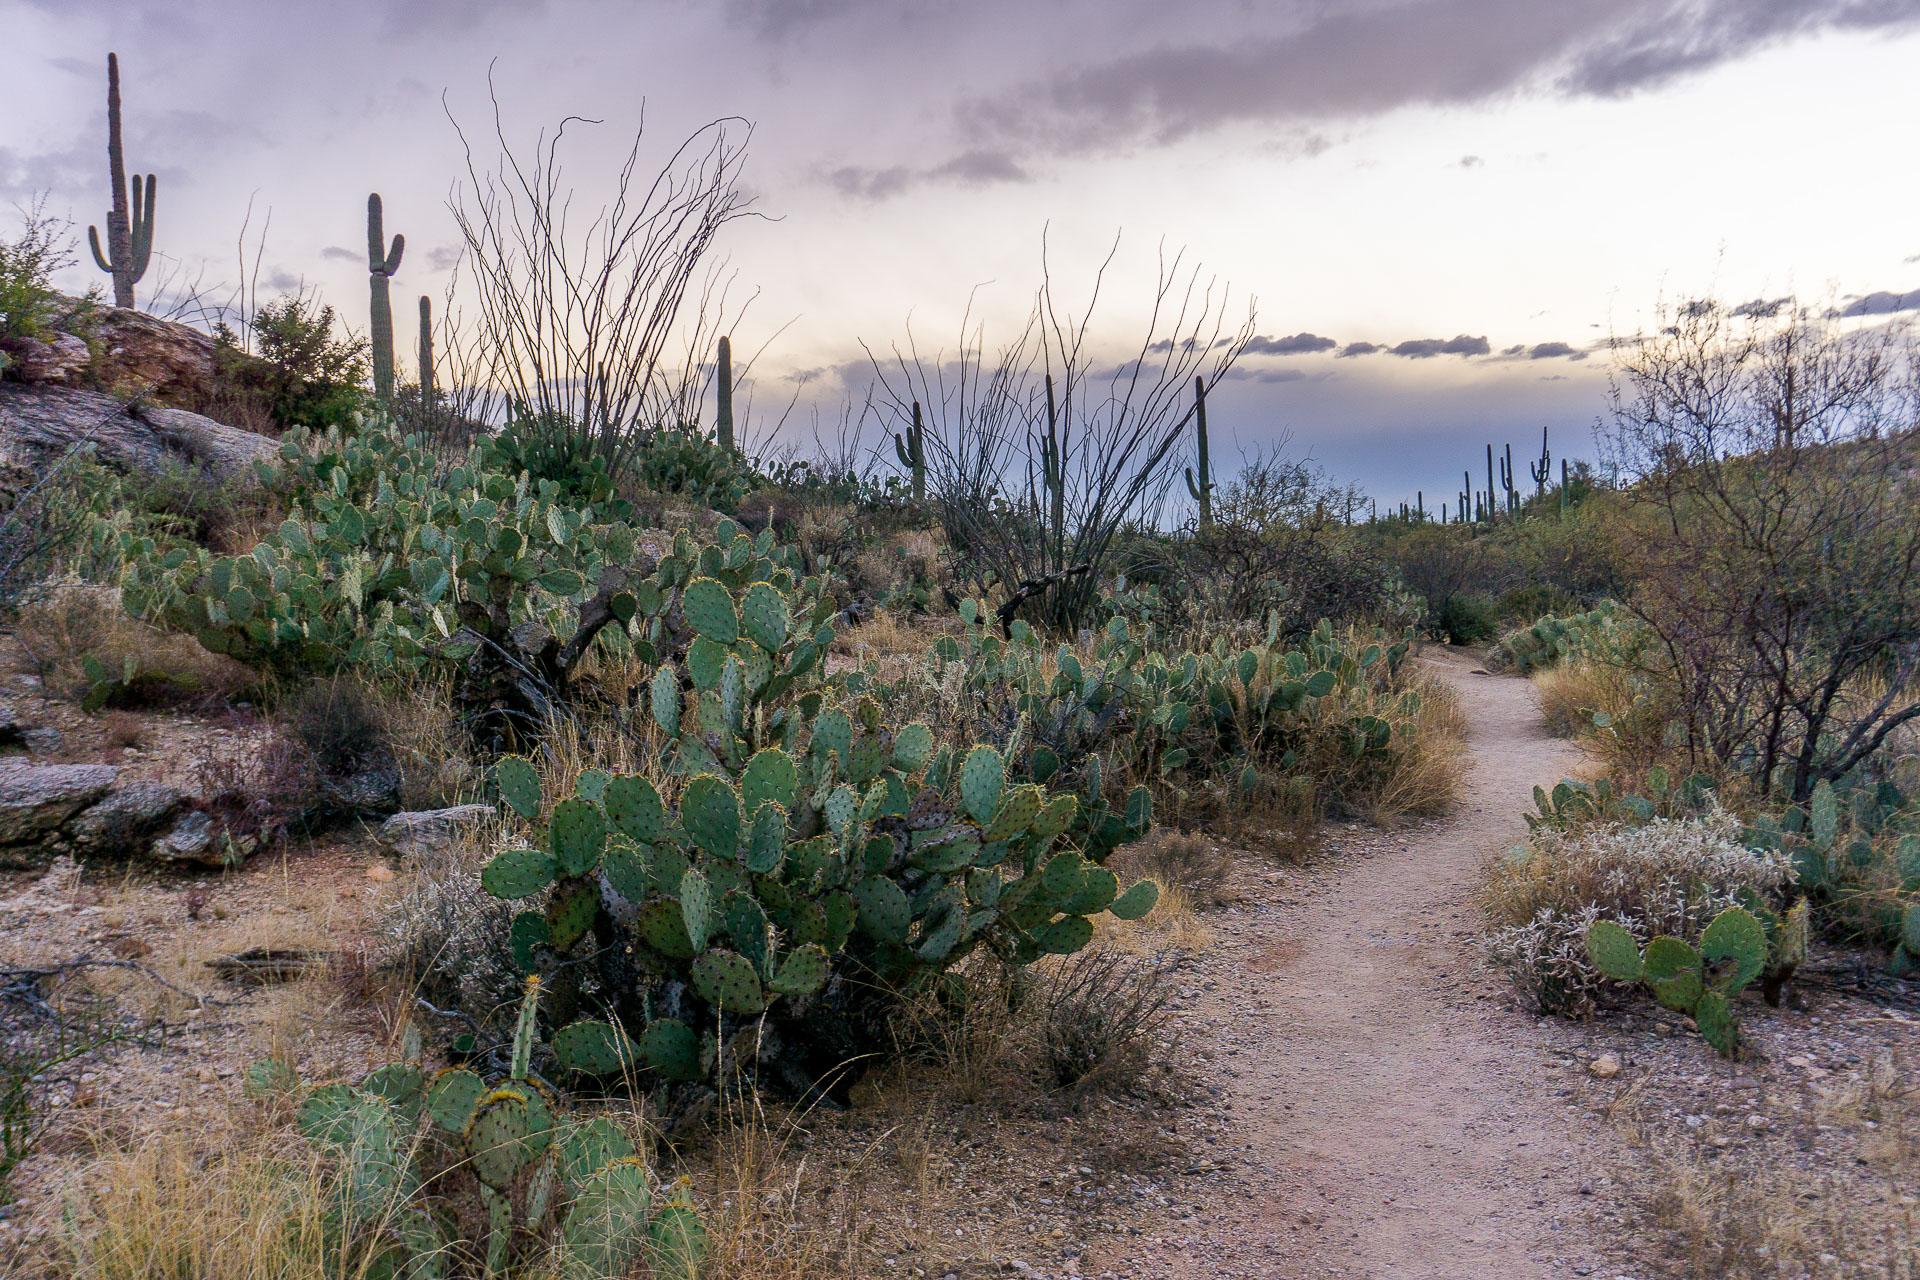 Dimanche 26 février: Coucher de soleil sur le Saguaro National Park, AZ